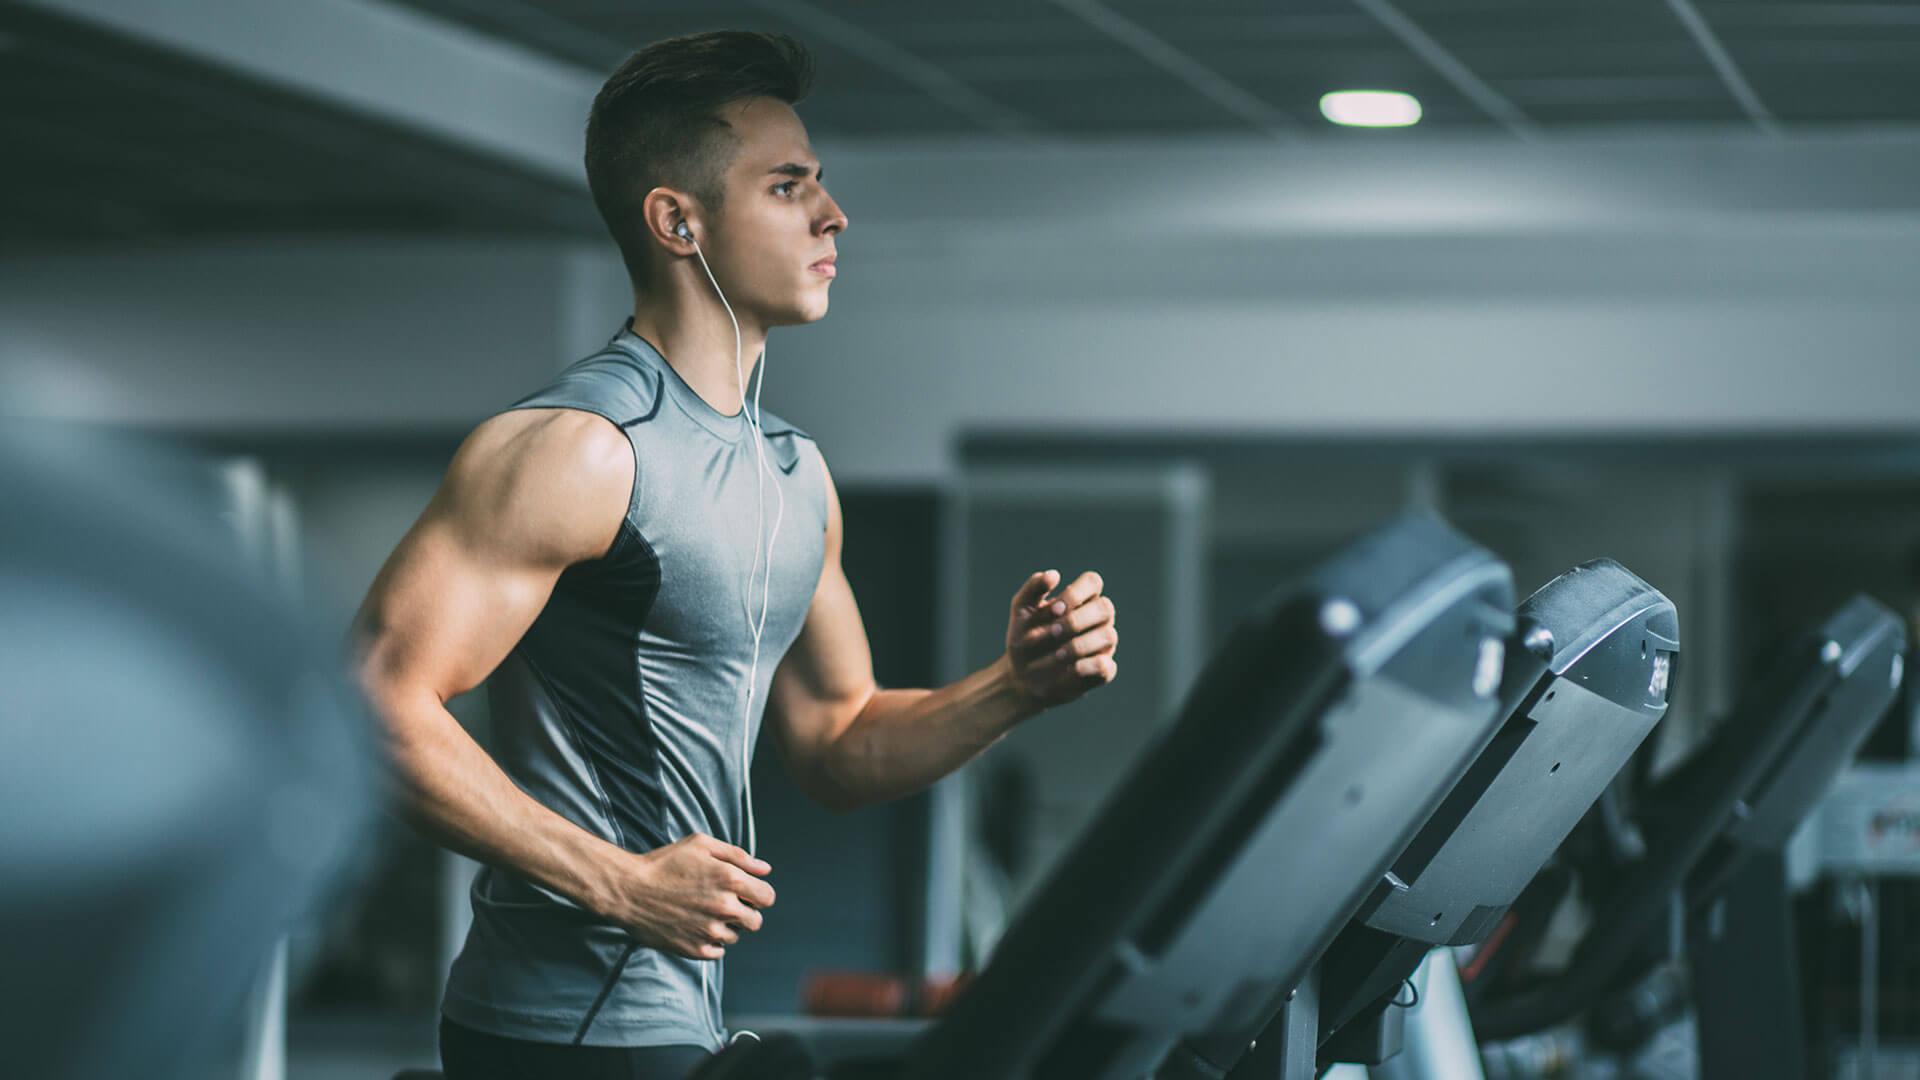 Se eu não treinei, eu devo suplementar?